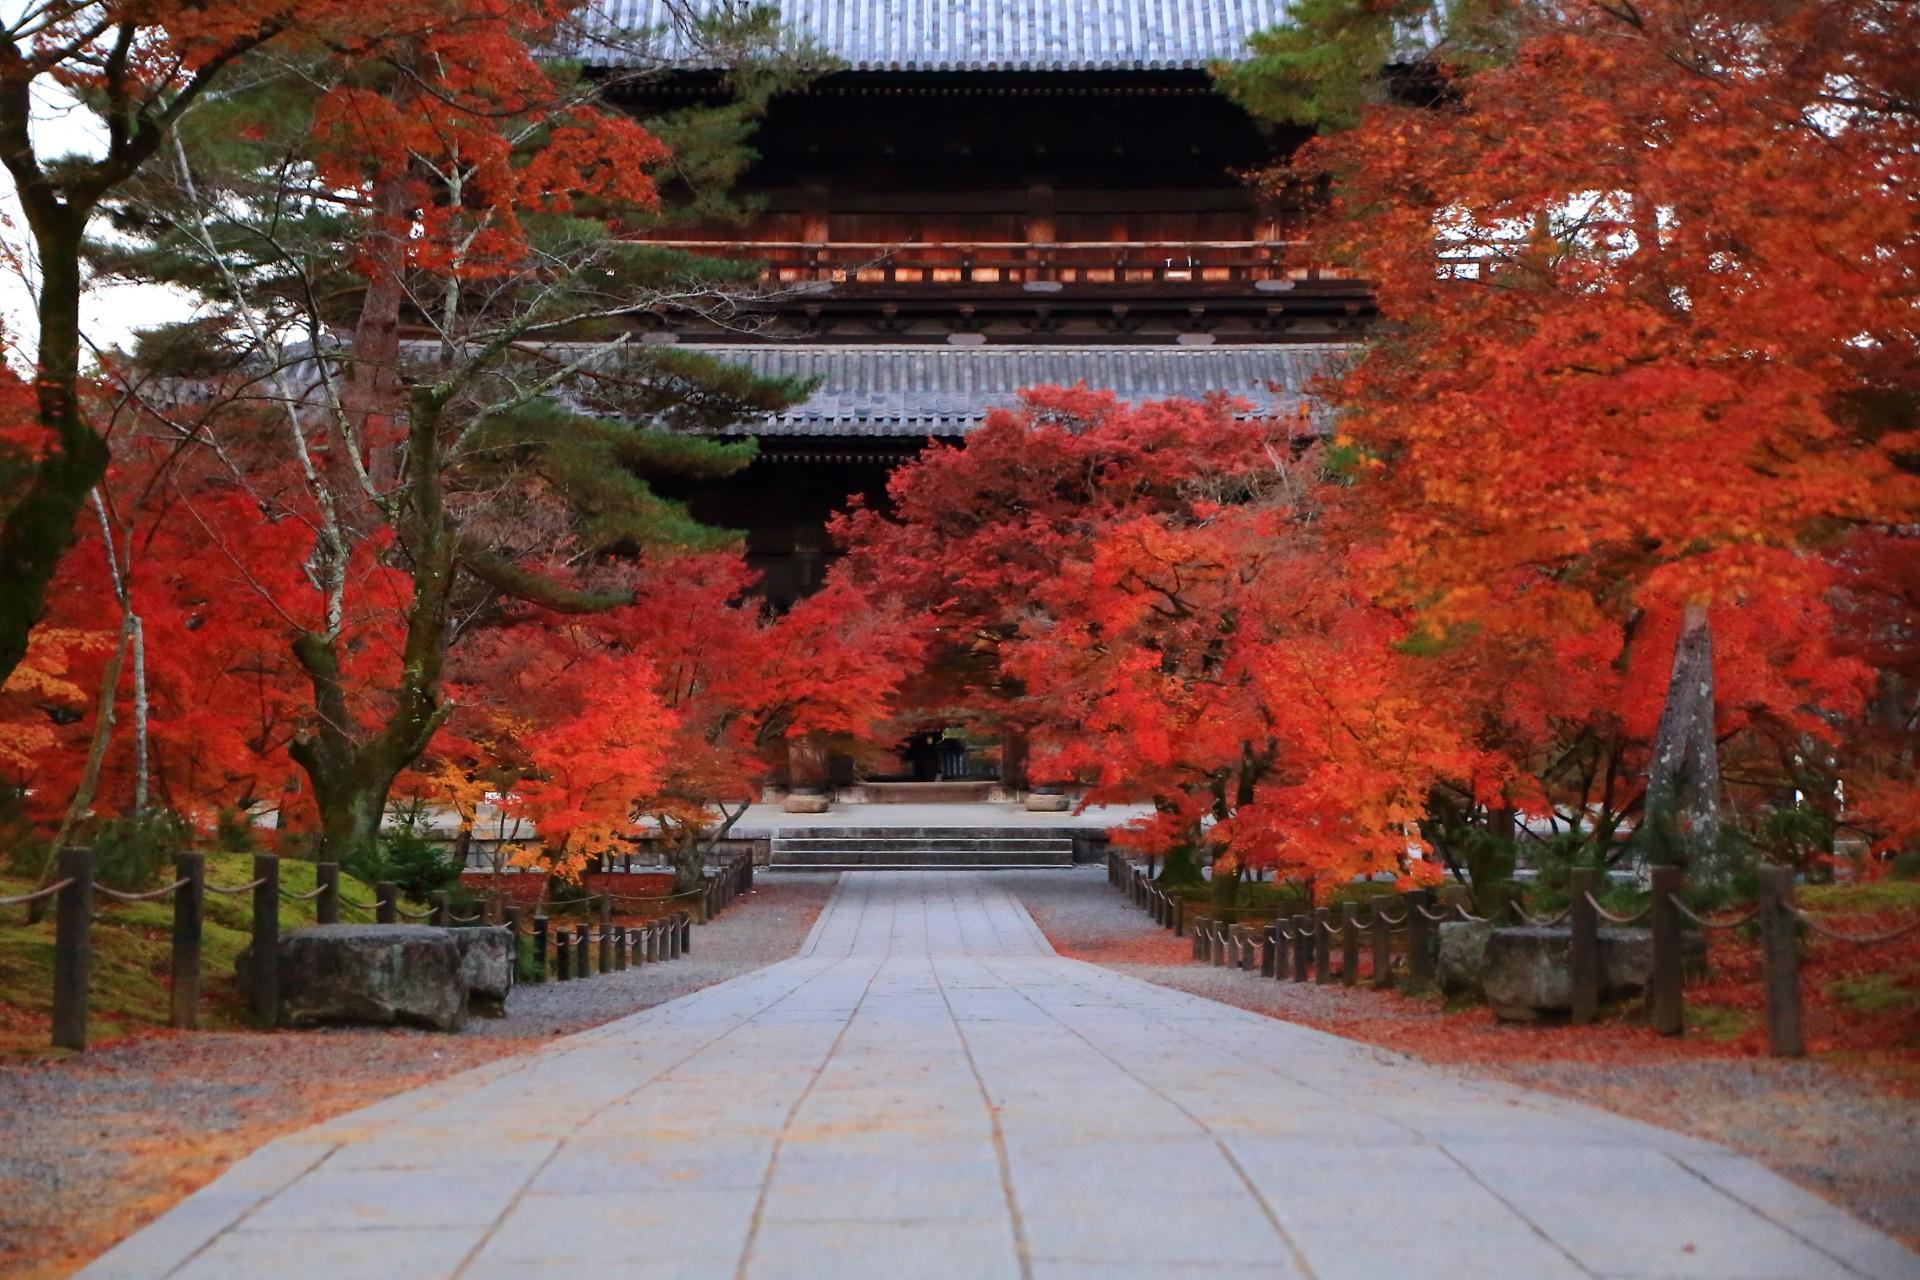 南禅寺の三門を彩る溢れる紅葉